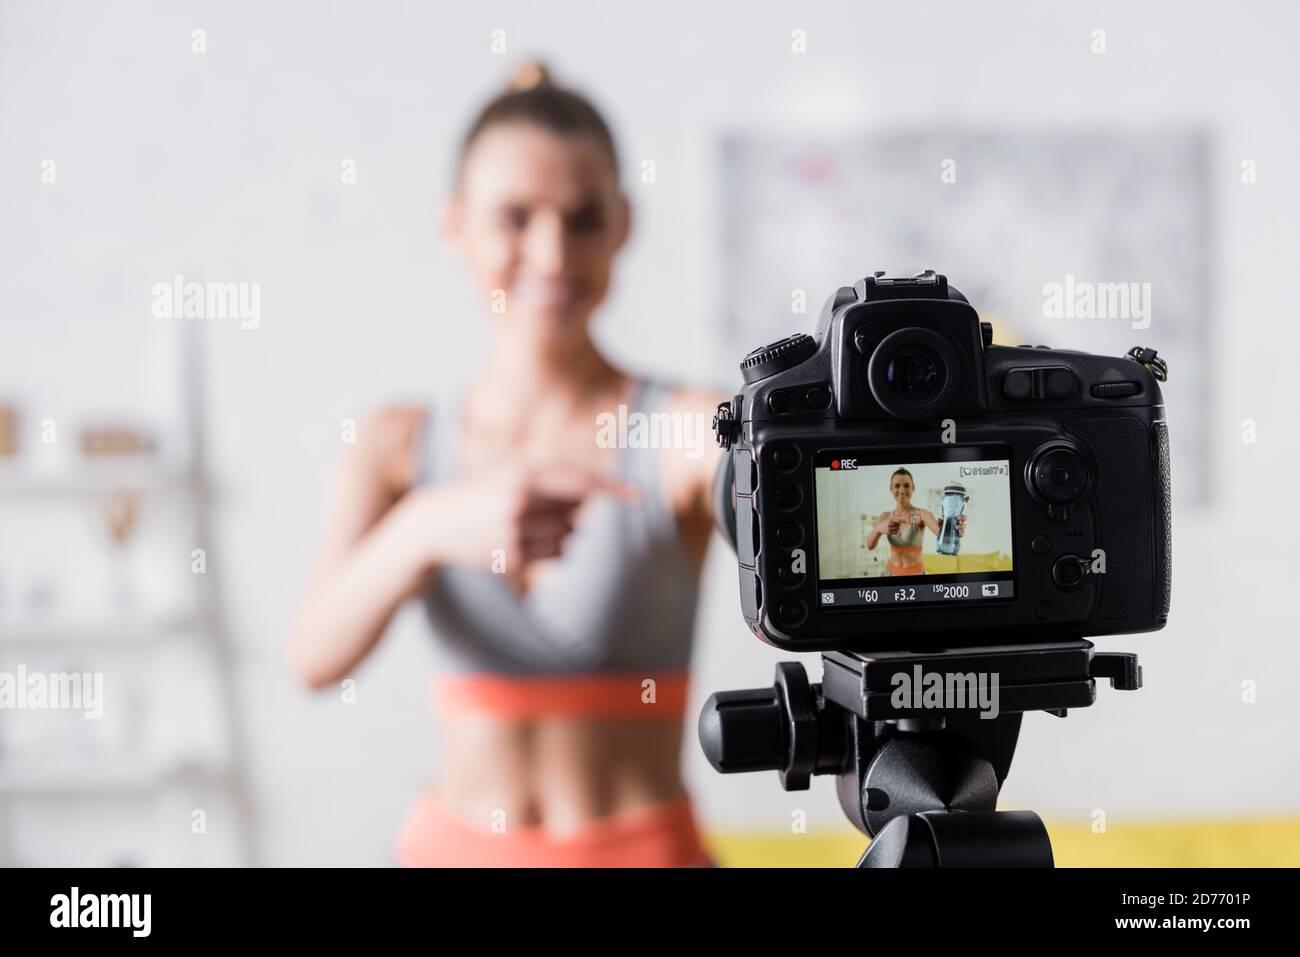 Mise au point sélective d'une sportswoman souriante pointant vers une bouteille de sport à proximité appareil photo numérique Banque D'Images